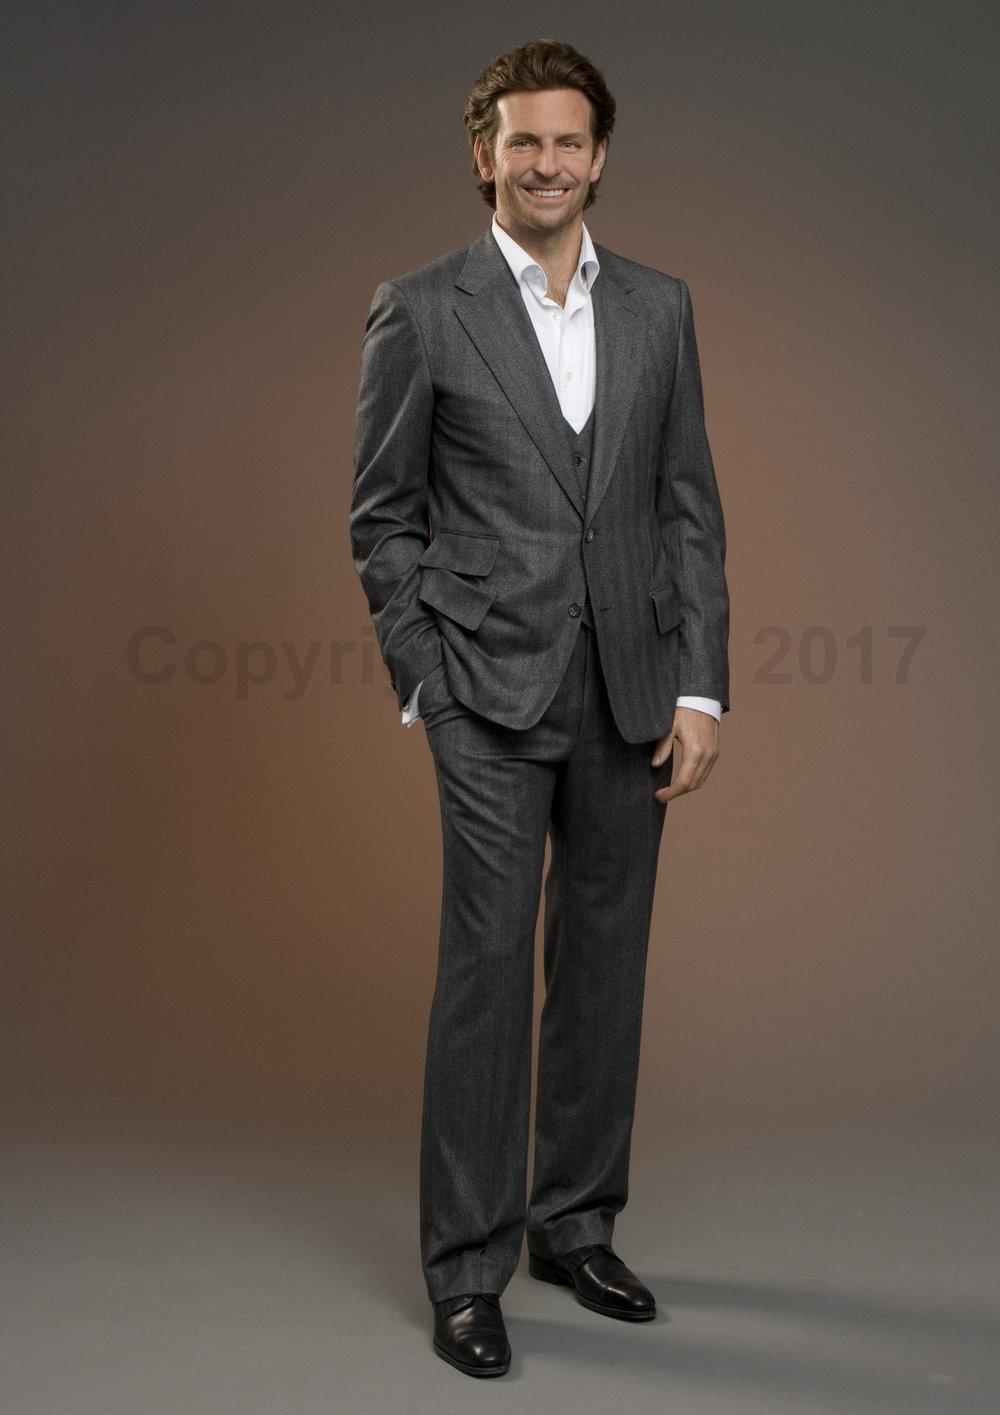 _DSC1071 Bradley Cooper MTLV 2011_3.jpg